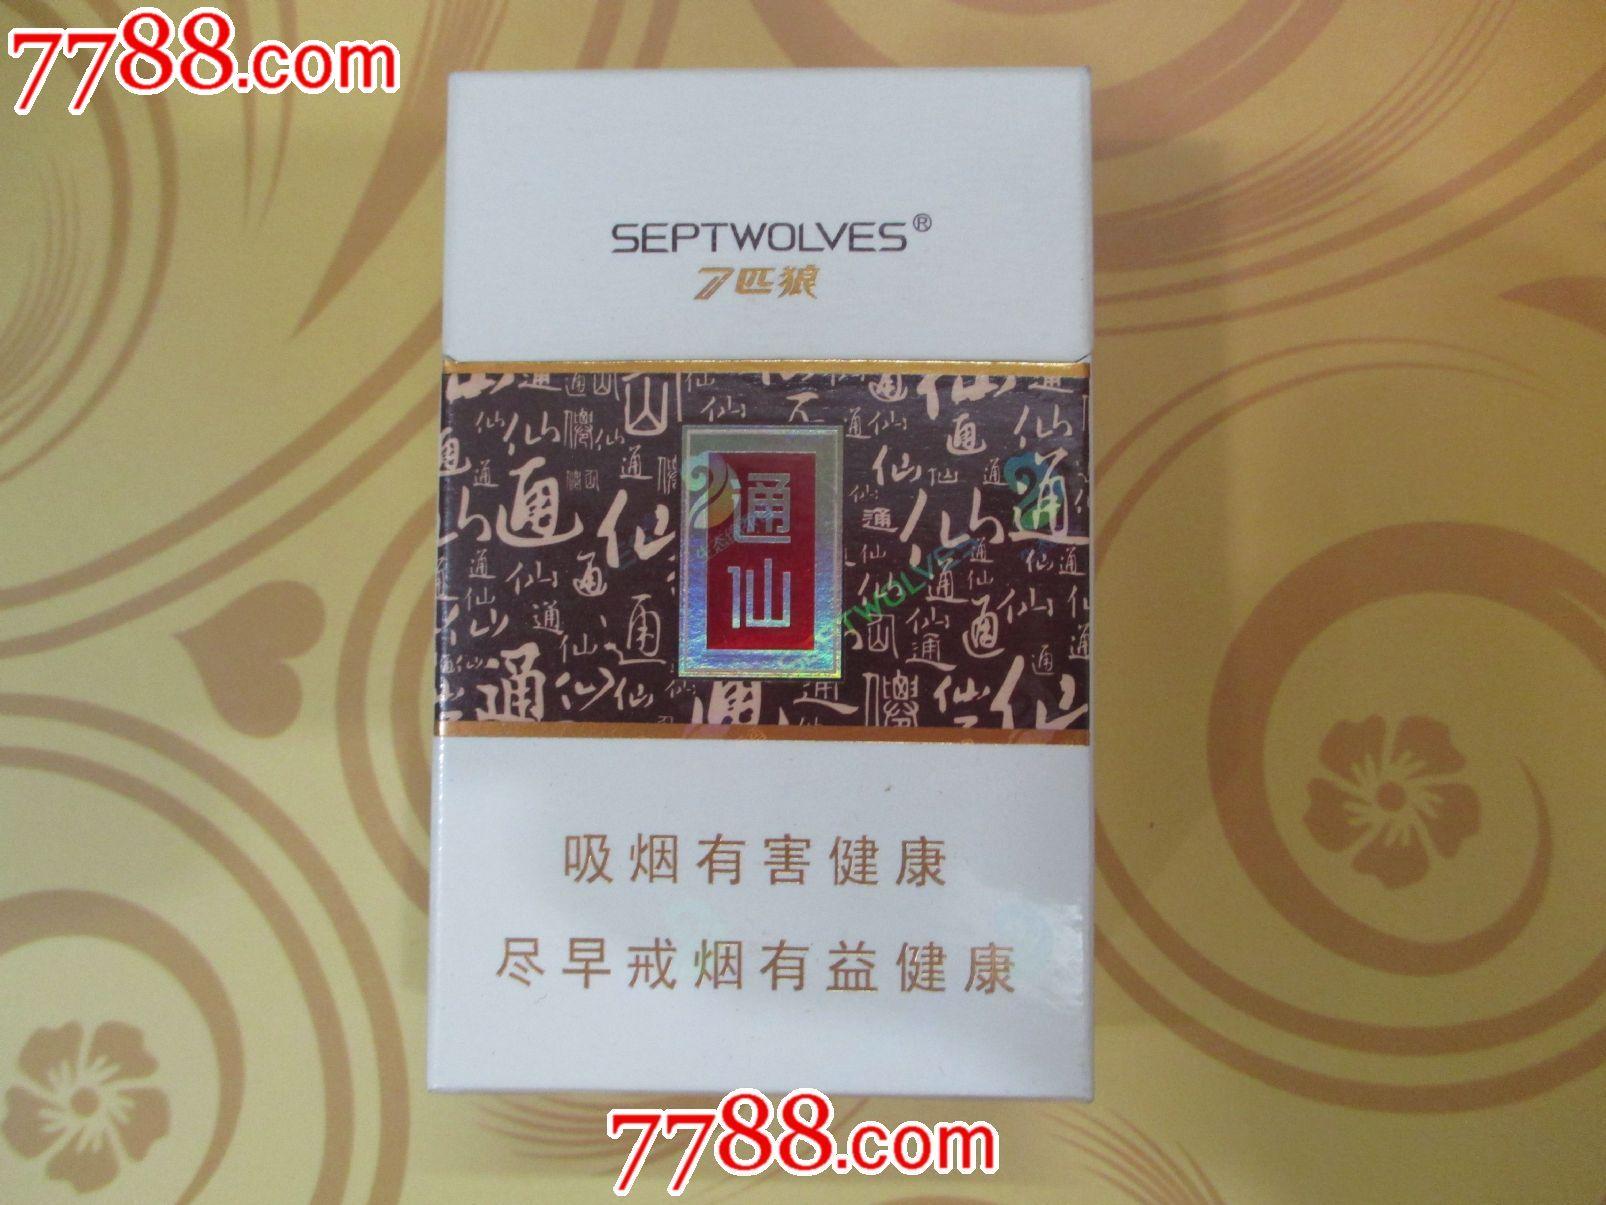 通仙七匹狼-价格:2.5元-se23864115-烟标/烟盒-零售